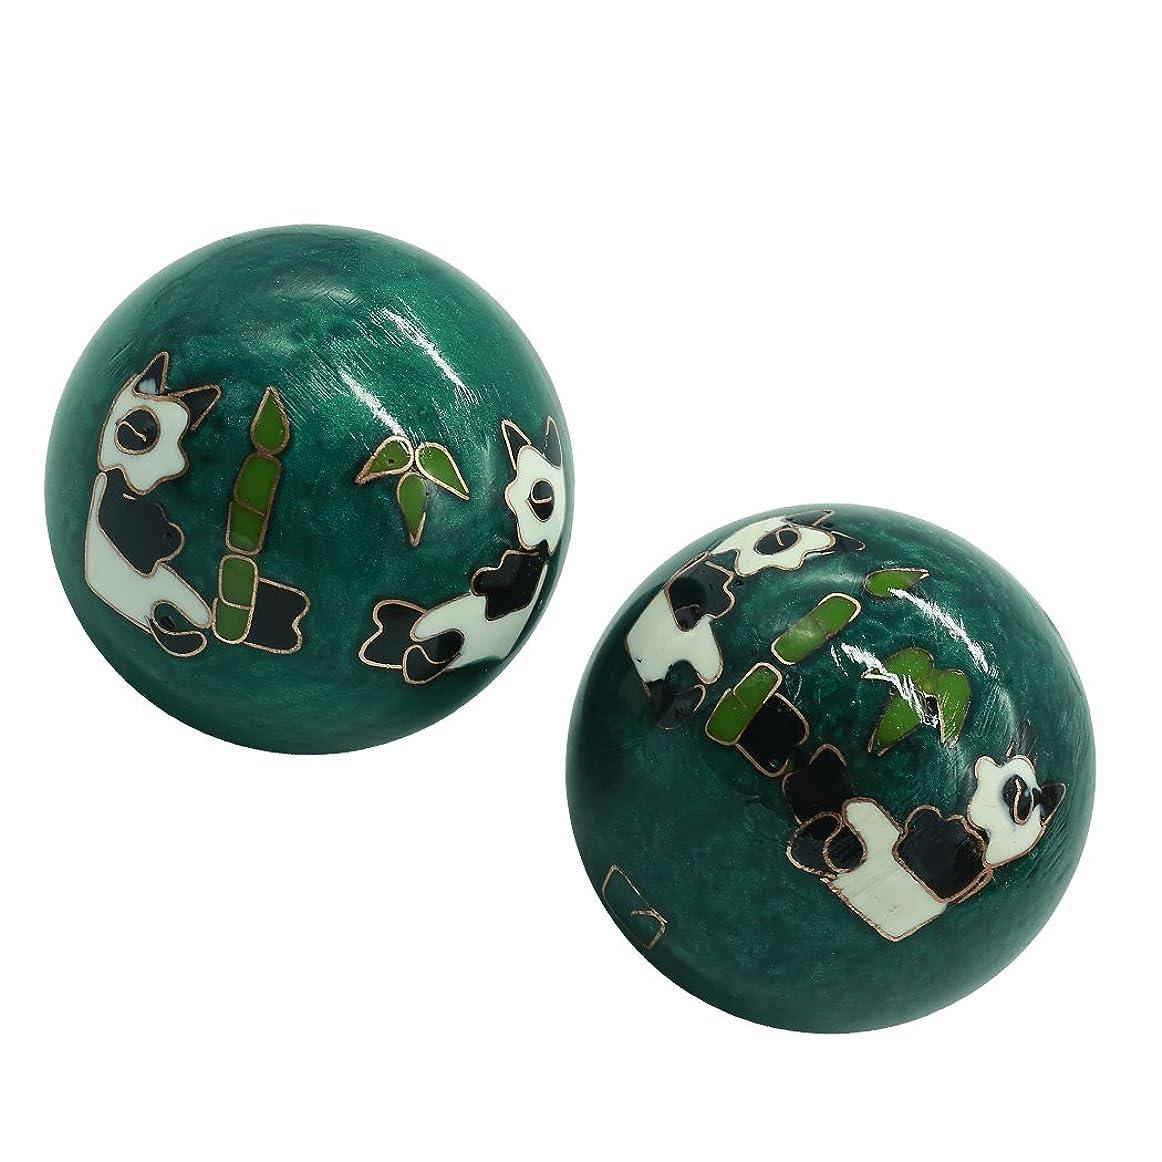 迫害氏こんにちは風水グッズ 健康球 健身球 脳 活性 ストレス トレーニング器具 手の機能回復 2個 パンダ (グリーン, 35mm) INB168